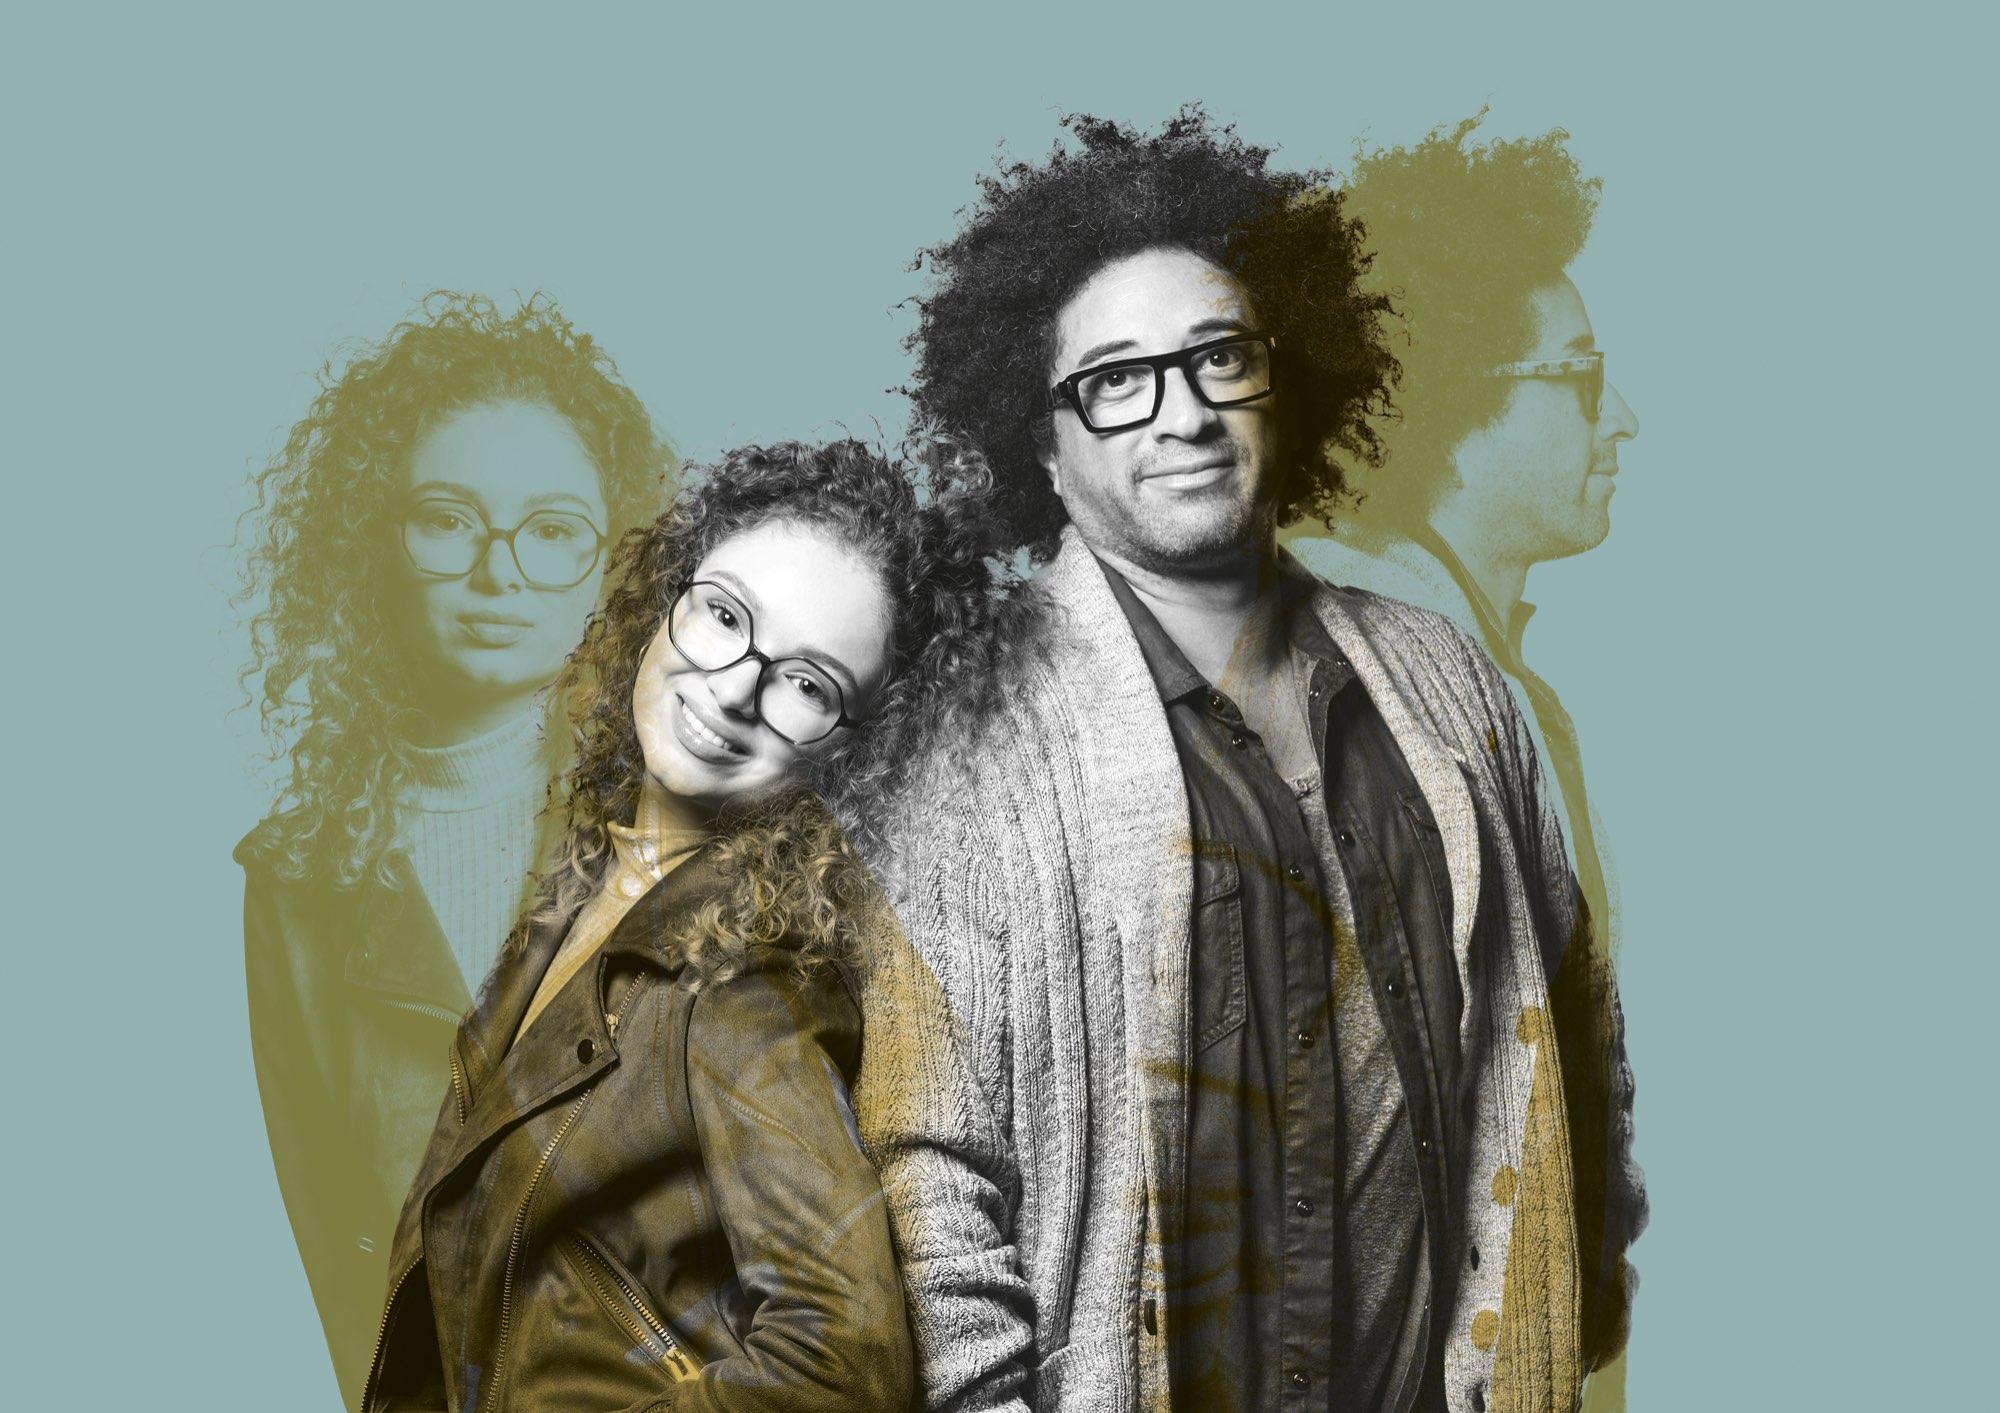 Neue Arbeit von Laura & Julia für die Visus Brillenkampagne  - neue-arbeit-von-laura---julia-f--r-die-visus-brillenkampagne--ID14544-4.jpeg?v=1580918413